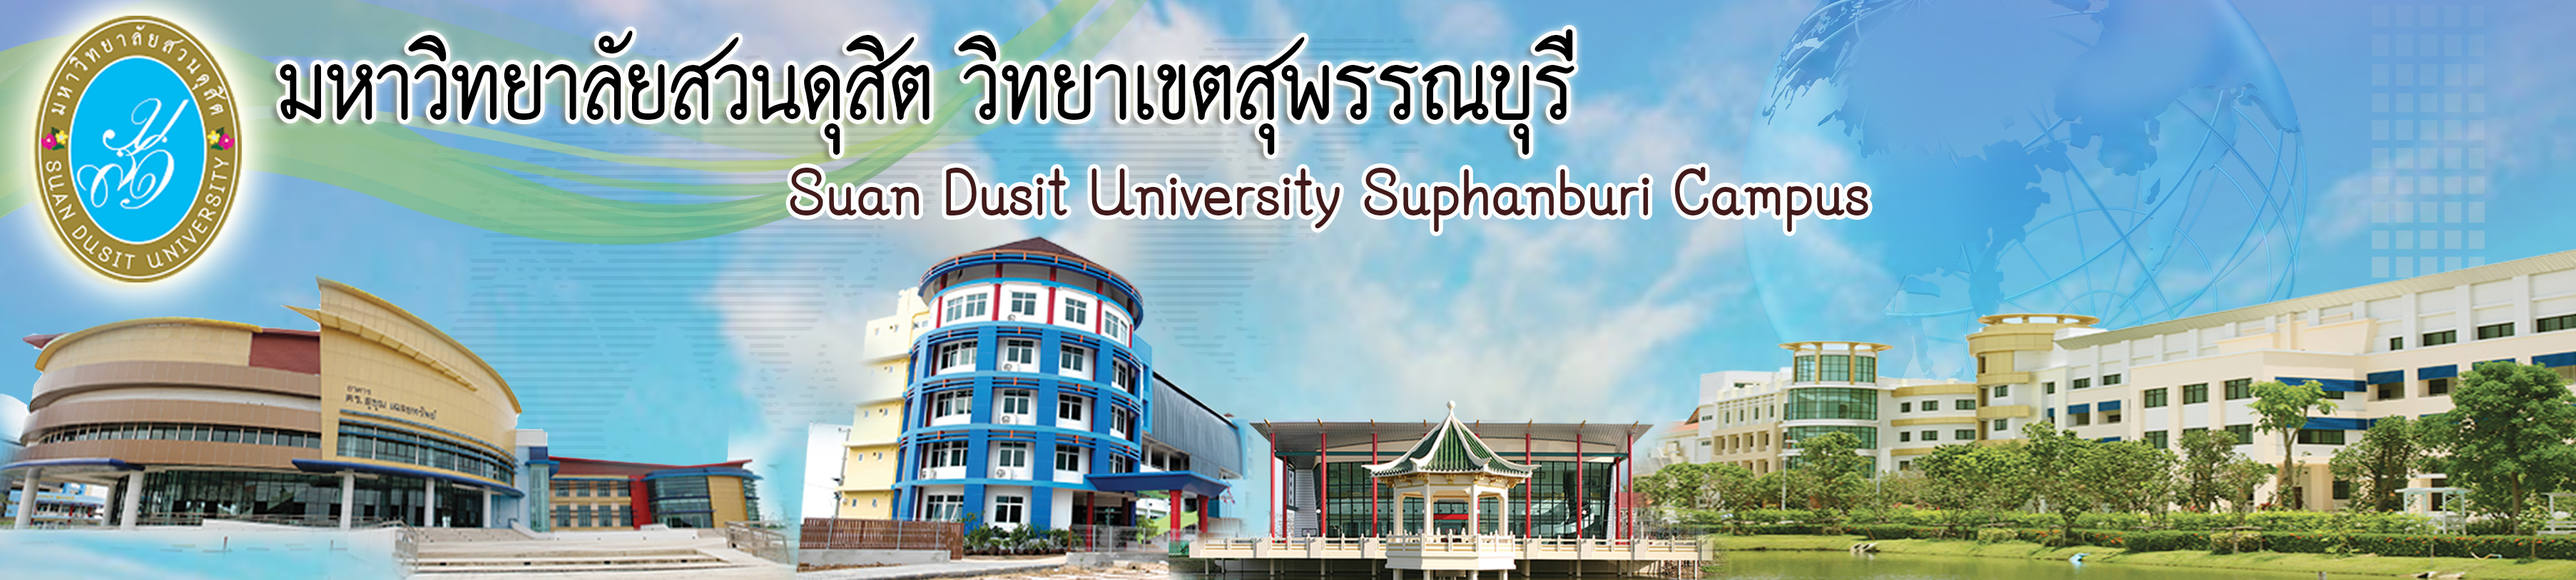 มหาวิทยาลัยสวนดุสิต วิทยาเขตสุพรรณบุรี